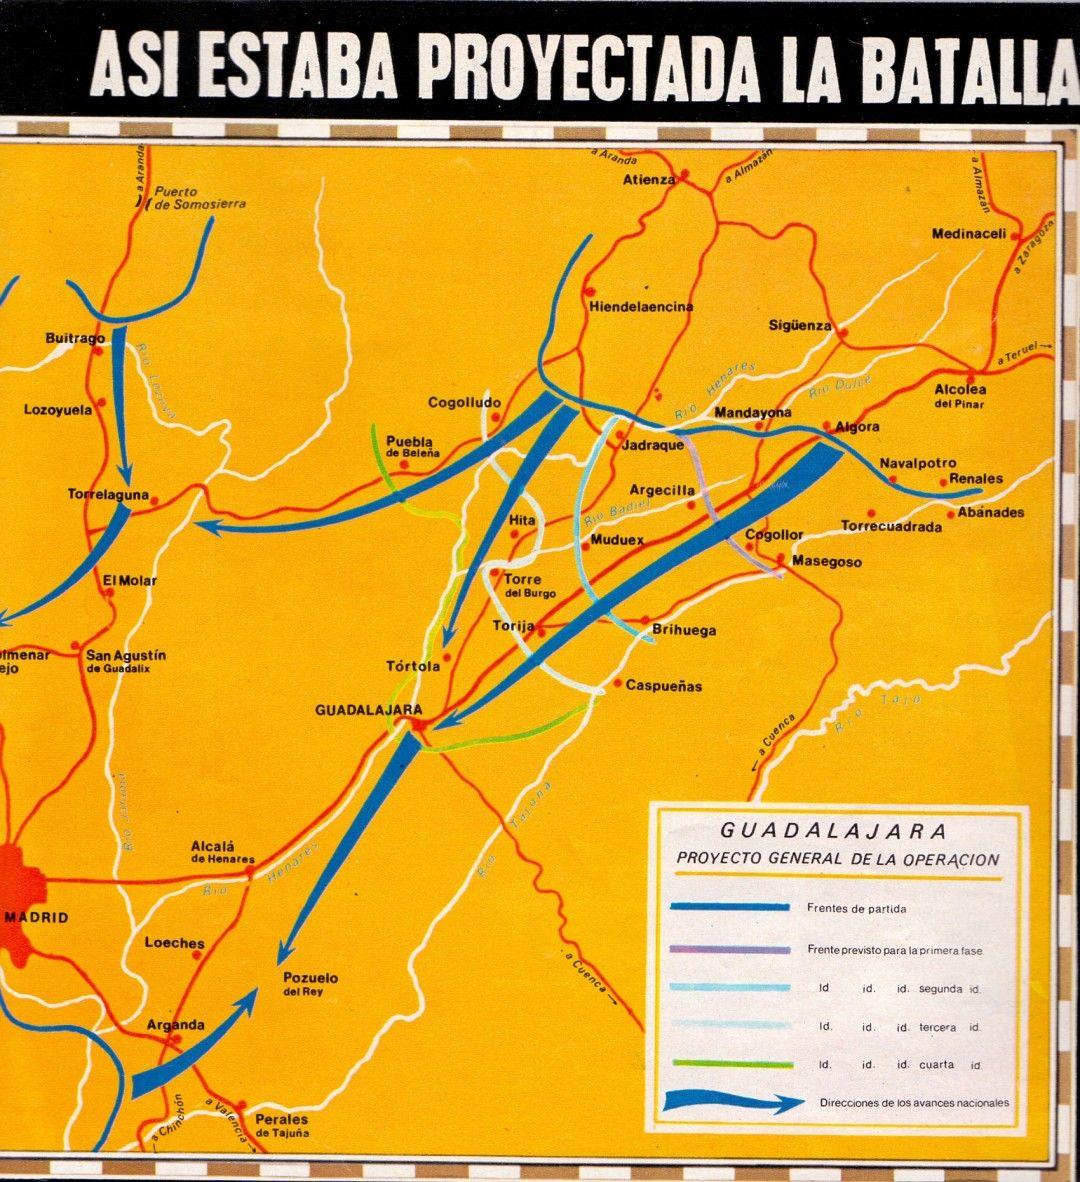 Así estaba proyectada la Ofensiva de Guadalajara